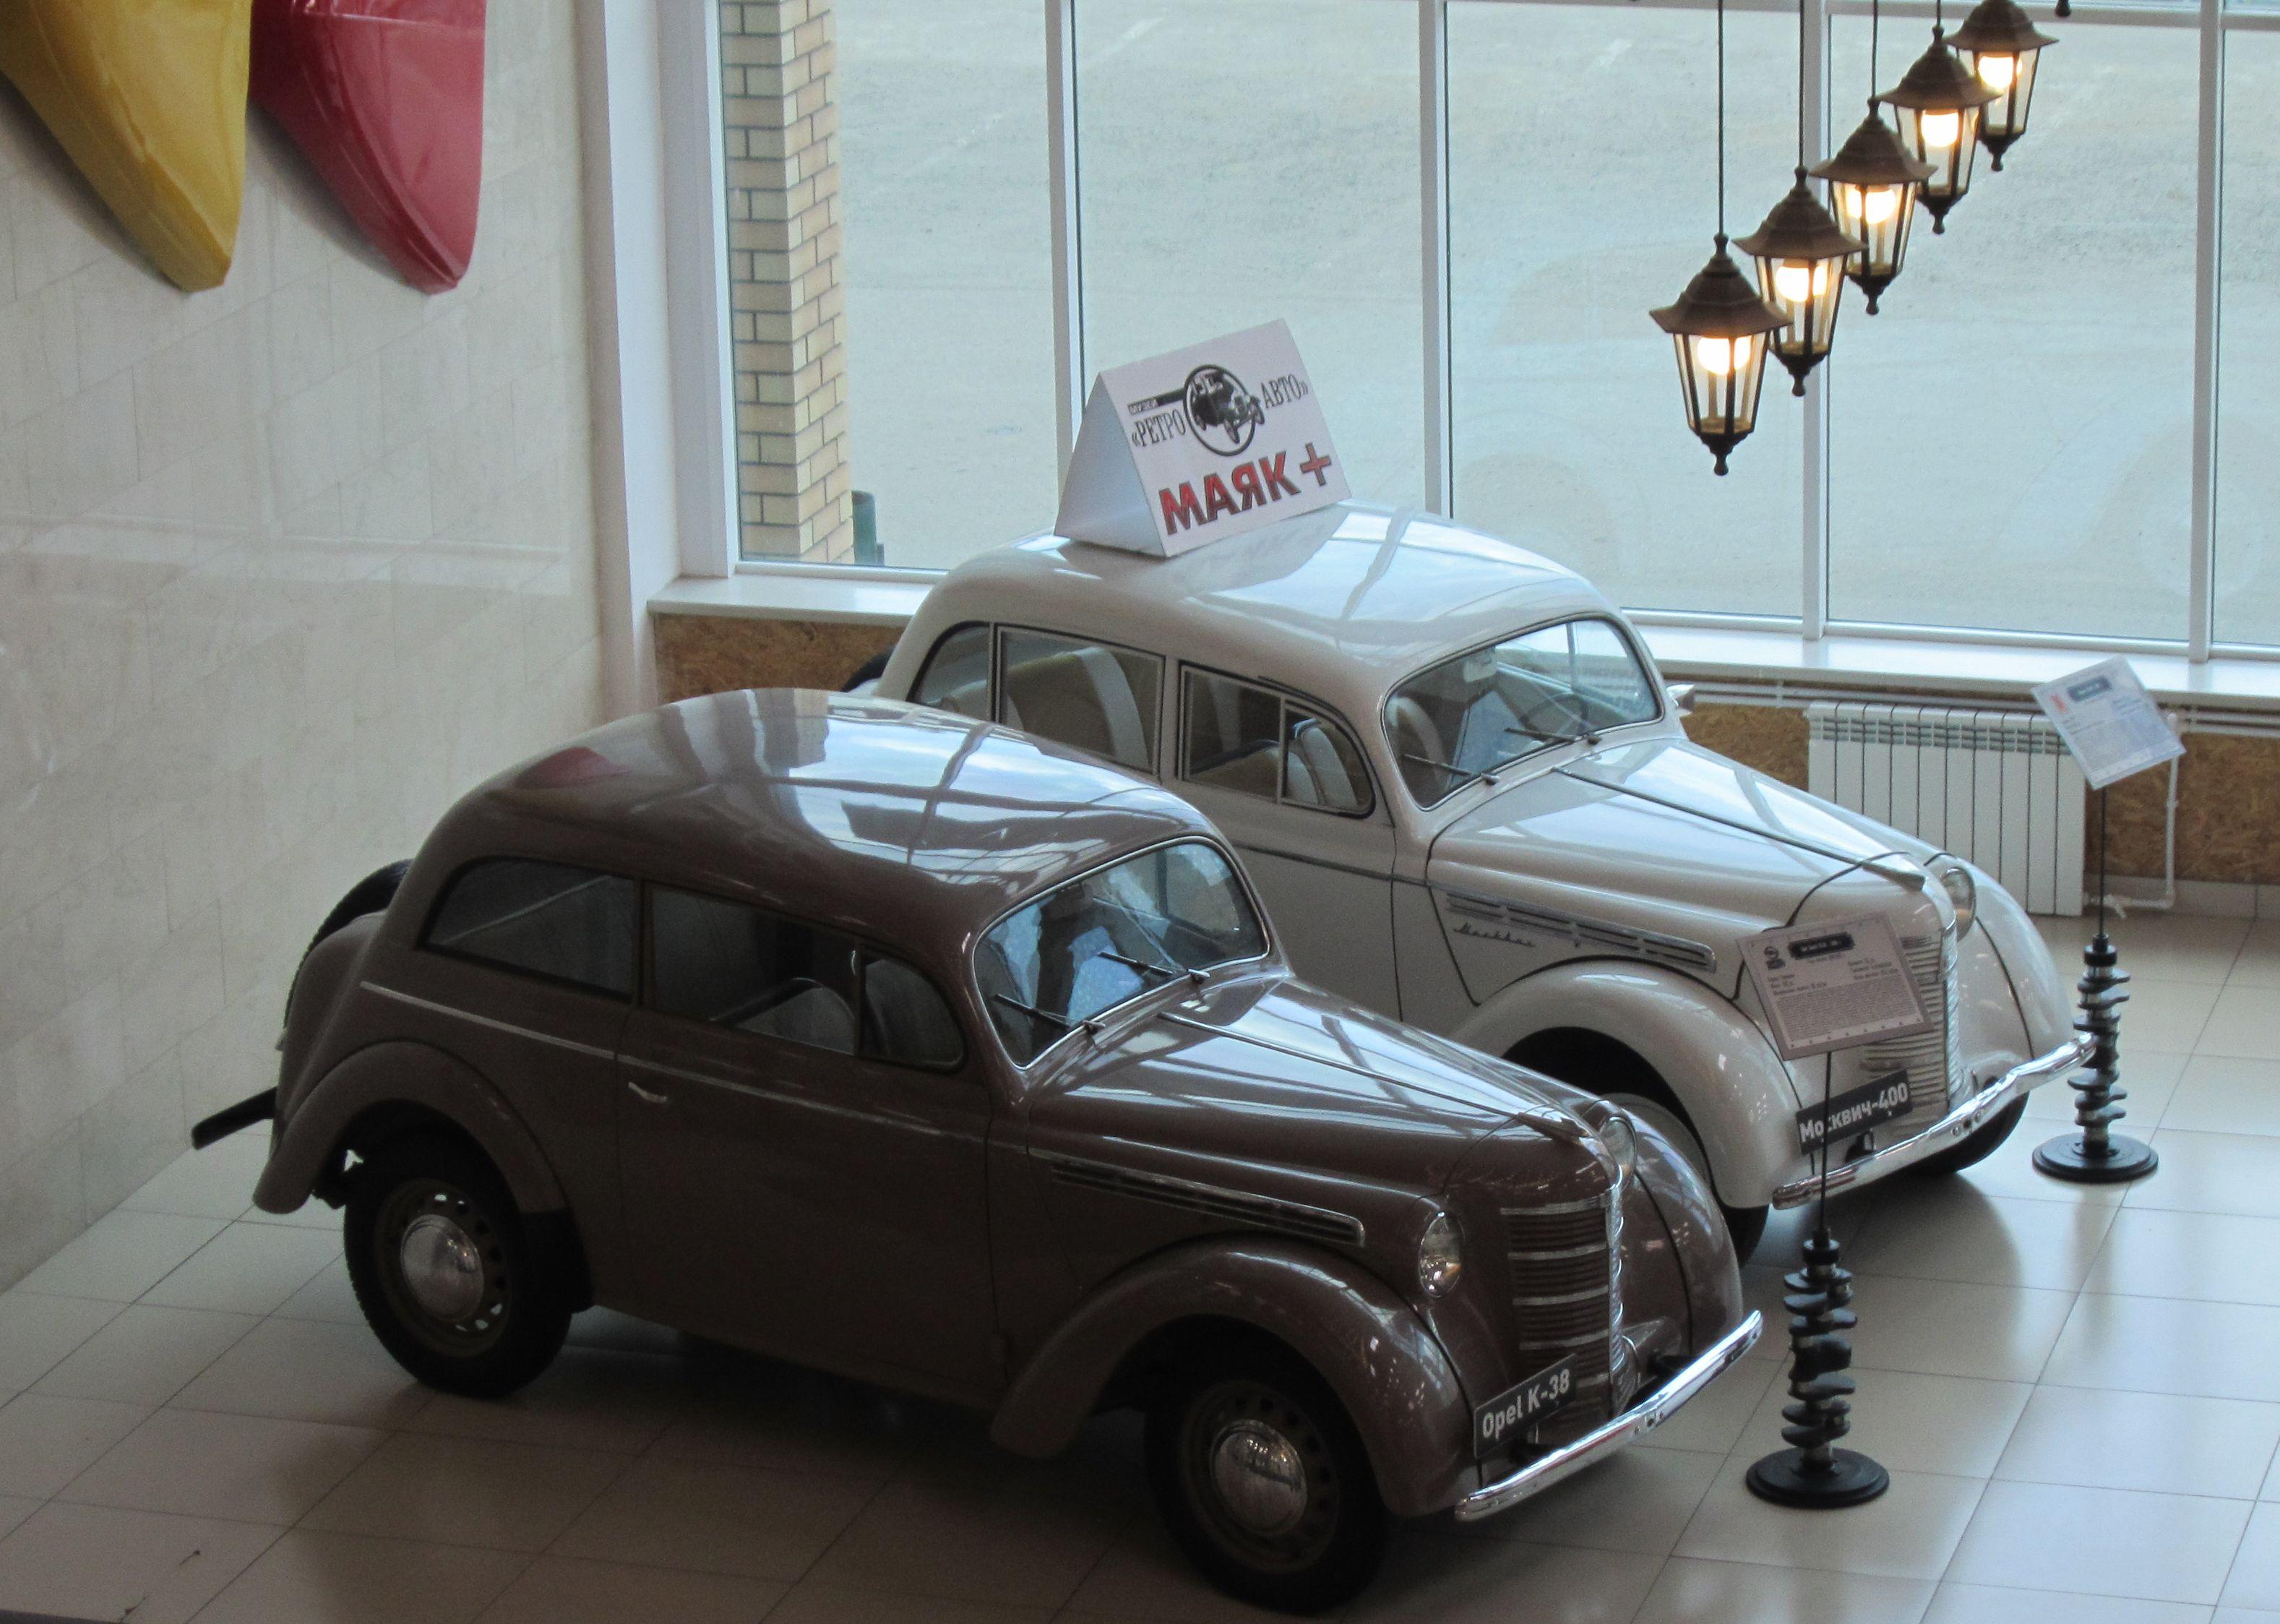 Первый Москвич-400 и его прародитель Опель-Кадет встречают посетителей на первом этаже торгового комплекса Маяк-Плюс (10.08.2015)